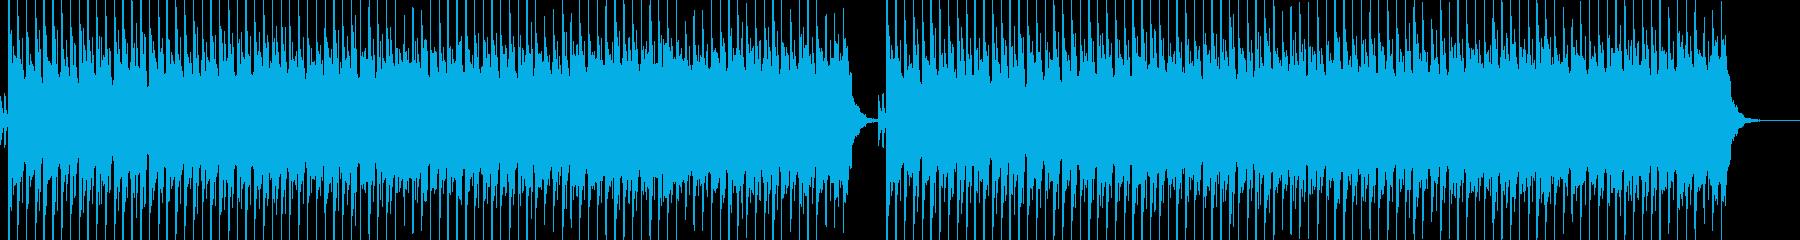 ホラーで残酷な曲の再生済みの波形